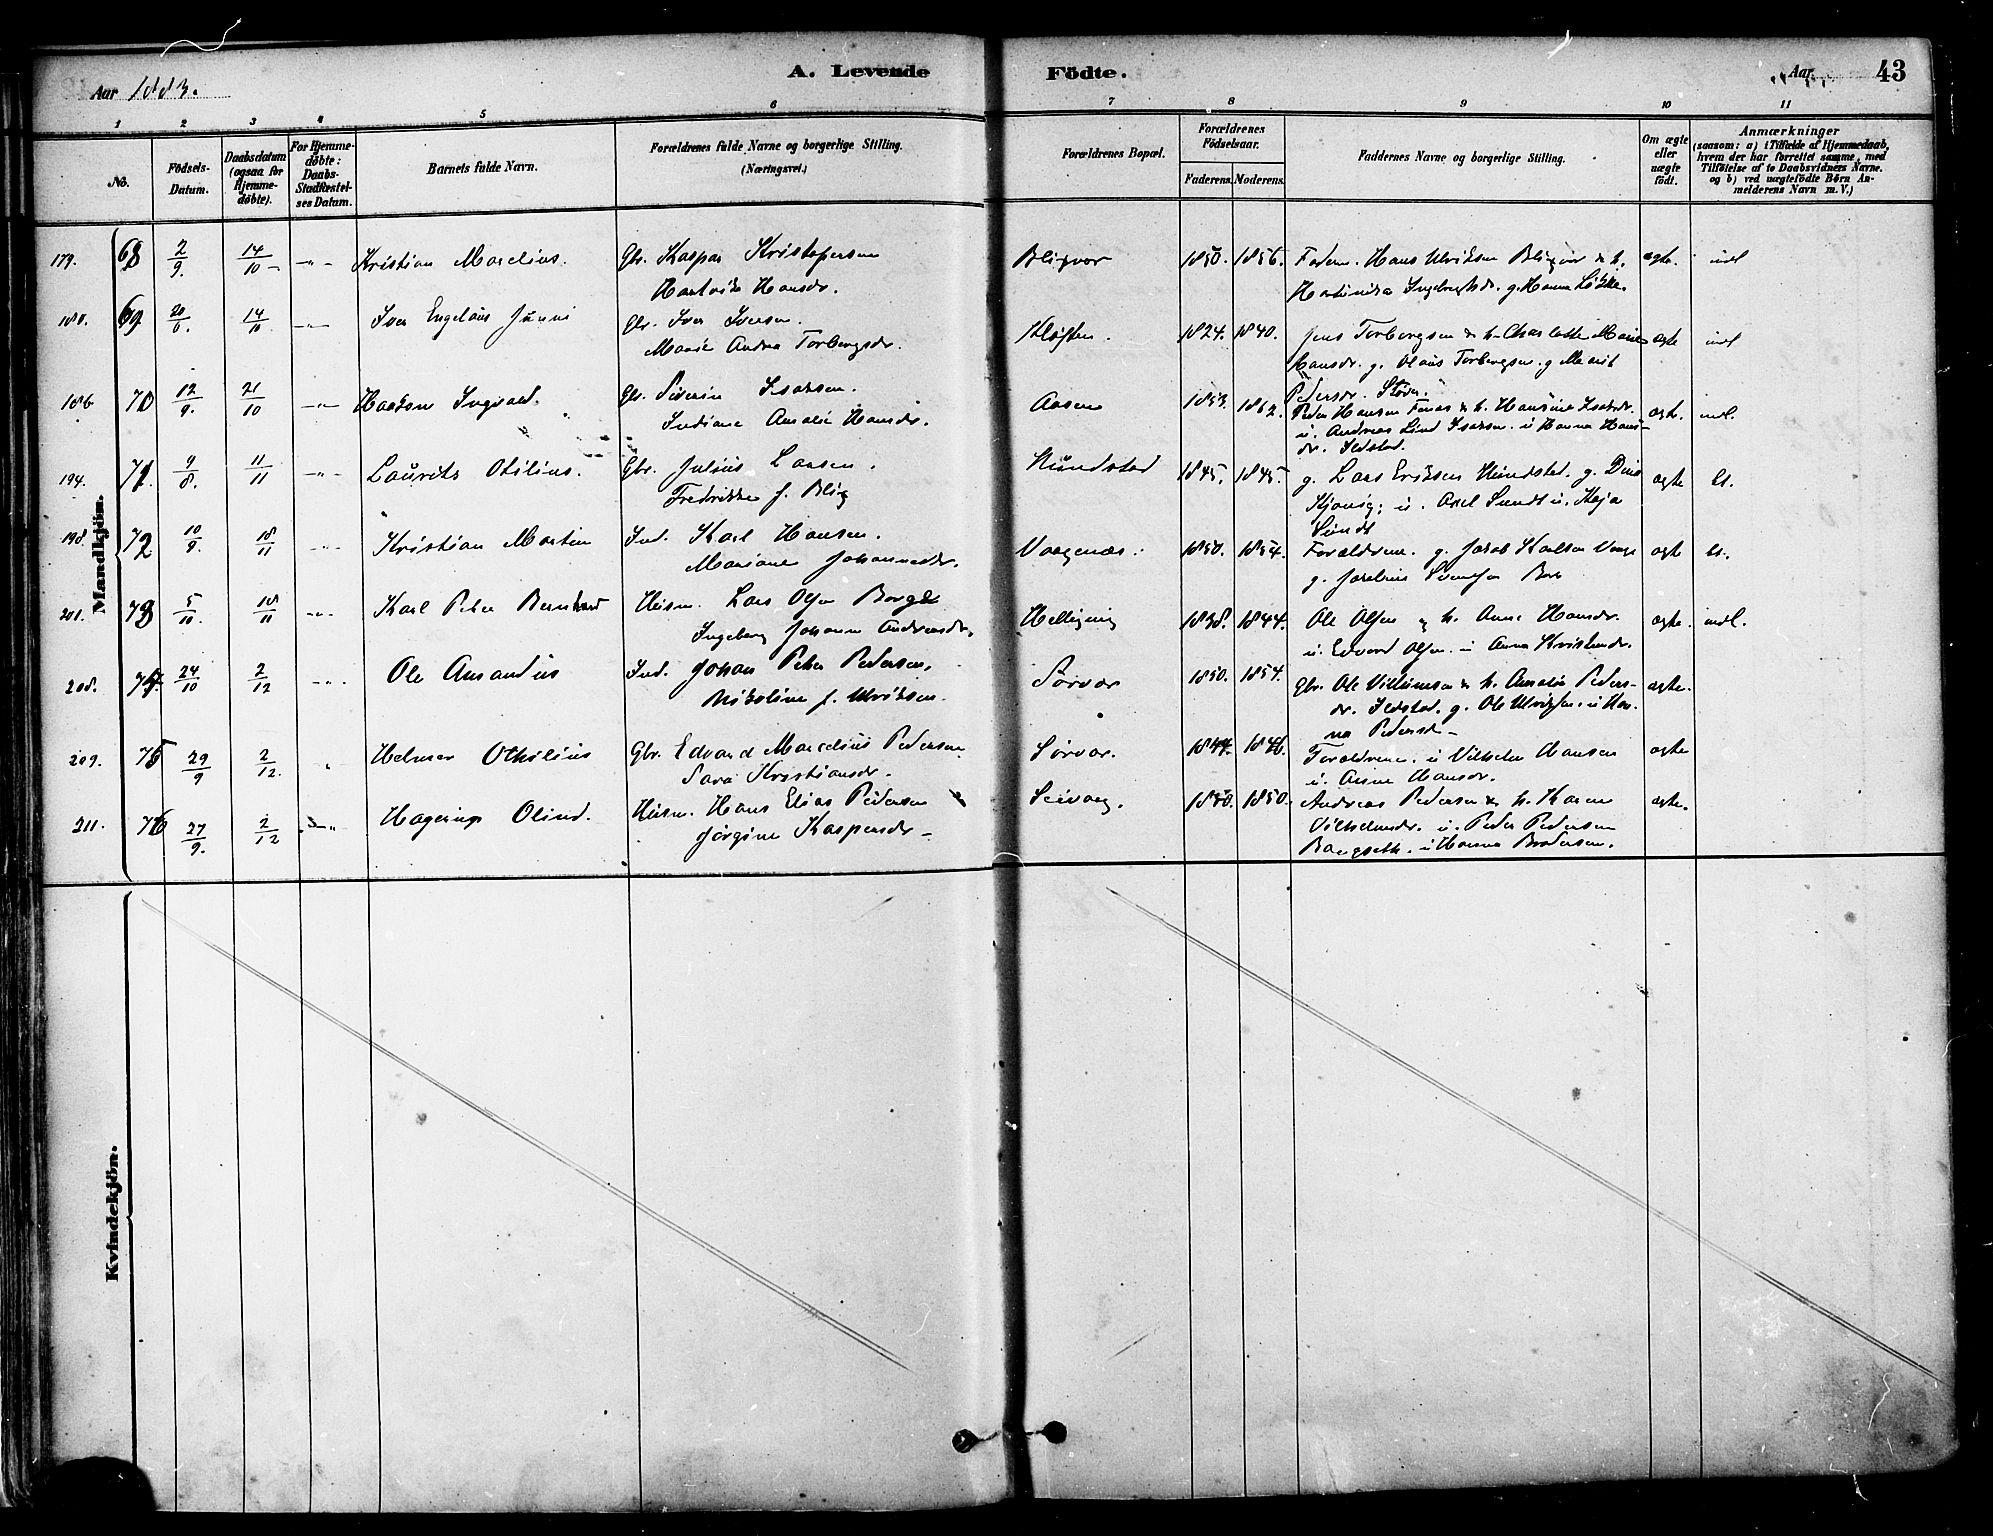 SAT, Ministerialprotokoller, klokkerbøker og fødselsregistre - Nordland, 802/L0054: Parish register (official) no. 802A01, 1879-1893, p. 43